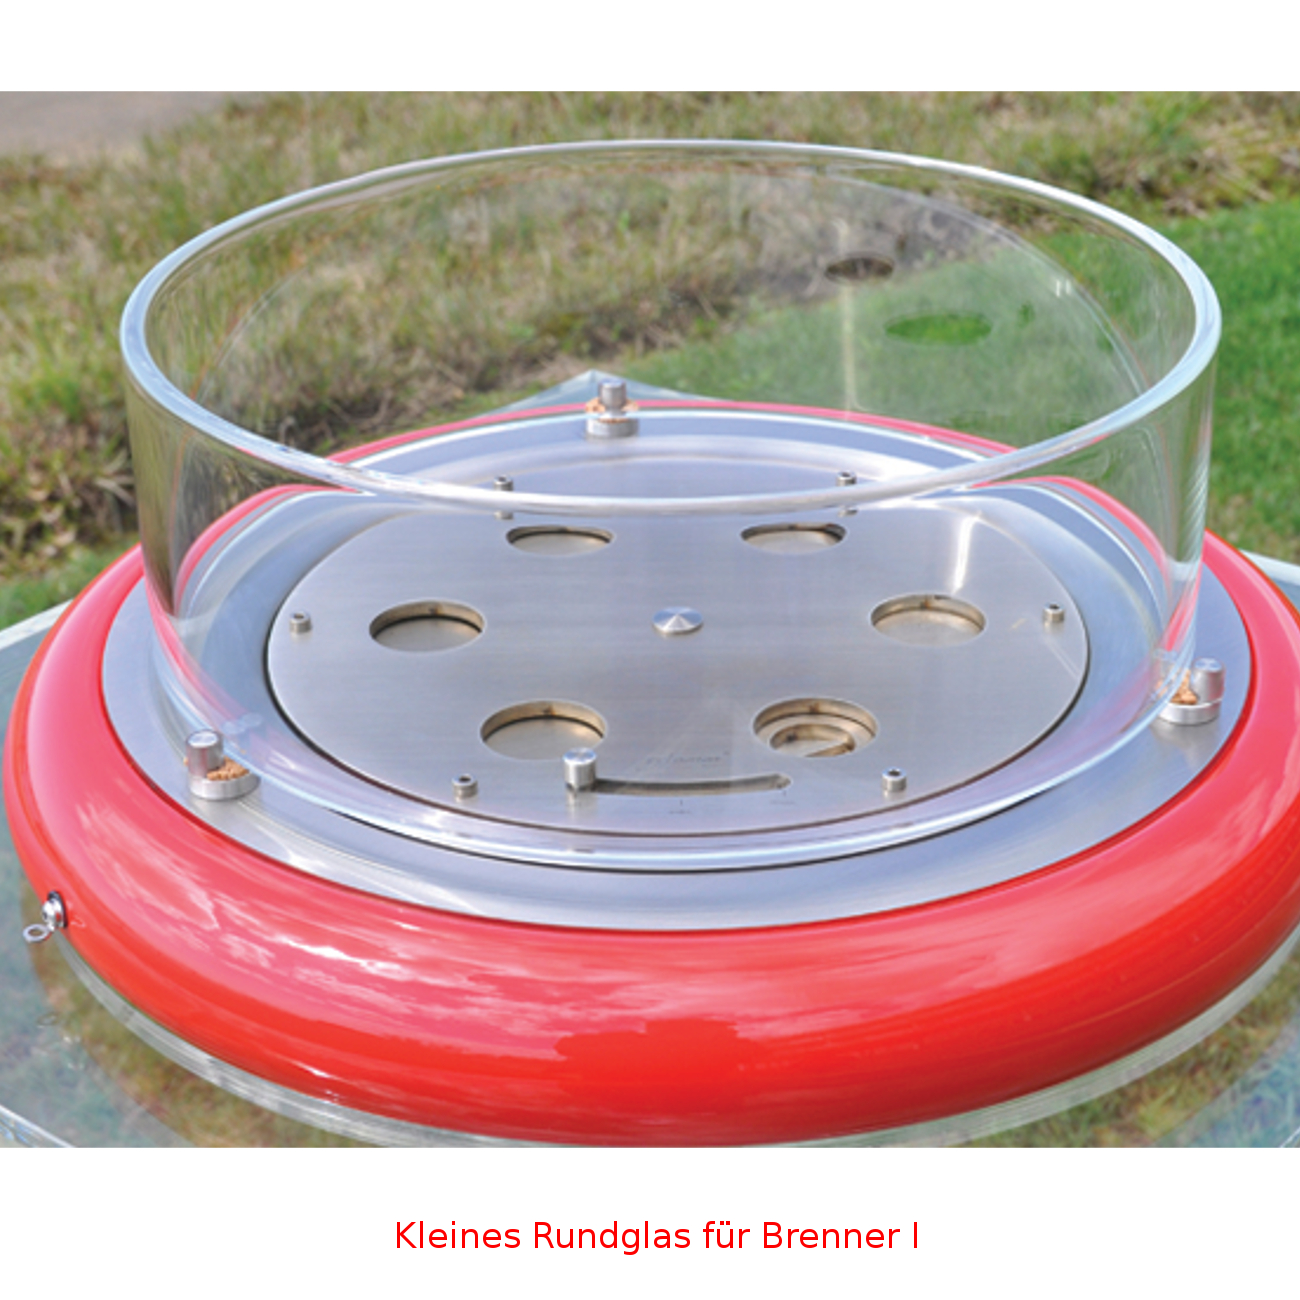 burner-I-rundglas-kleinICfjGlD9IqBKH